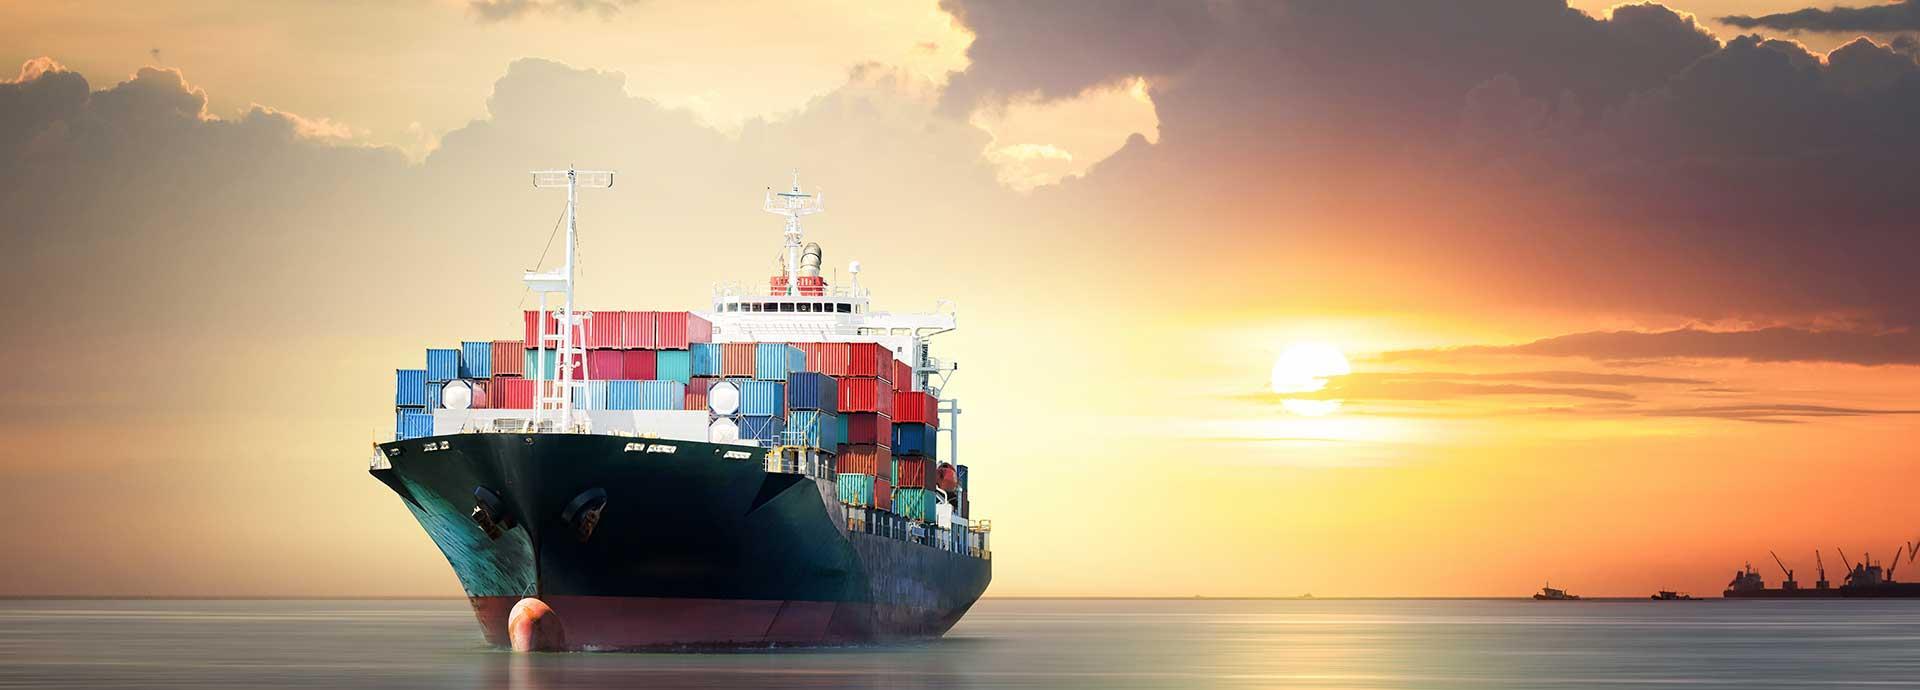 Best Shipping Company In Bintulu